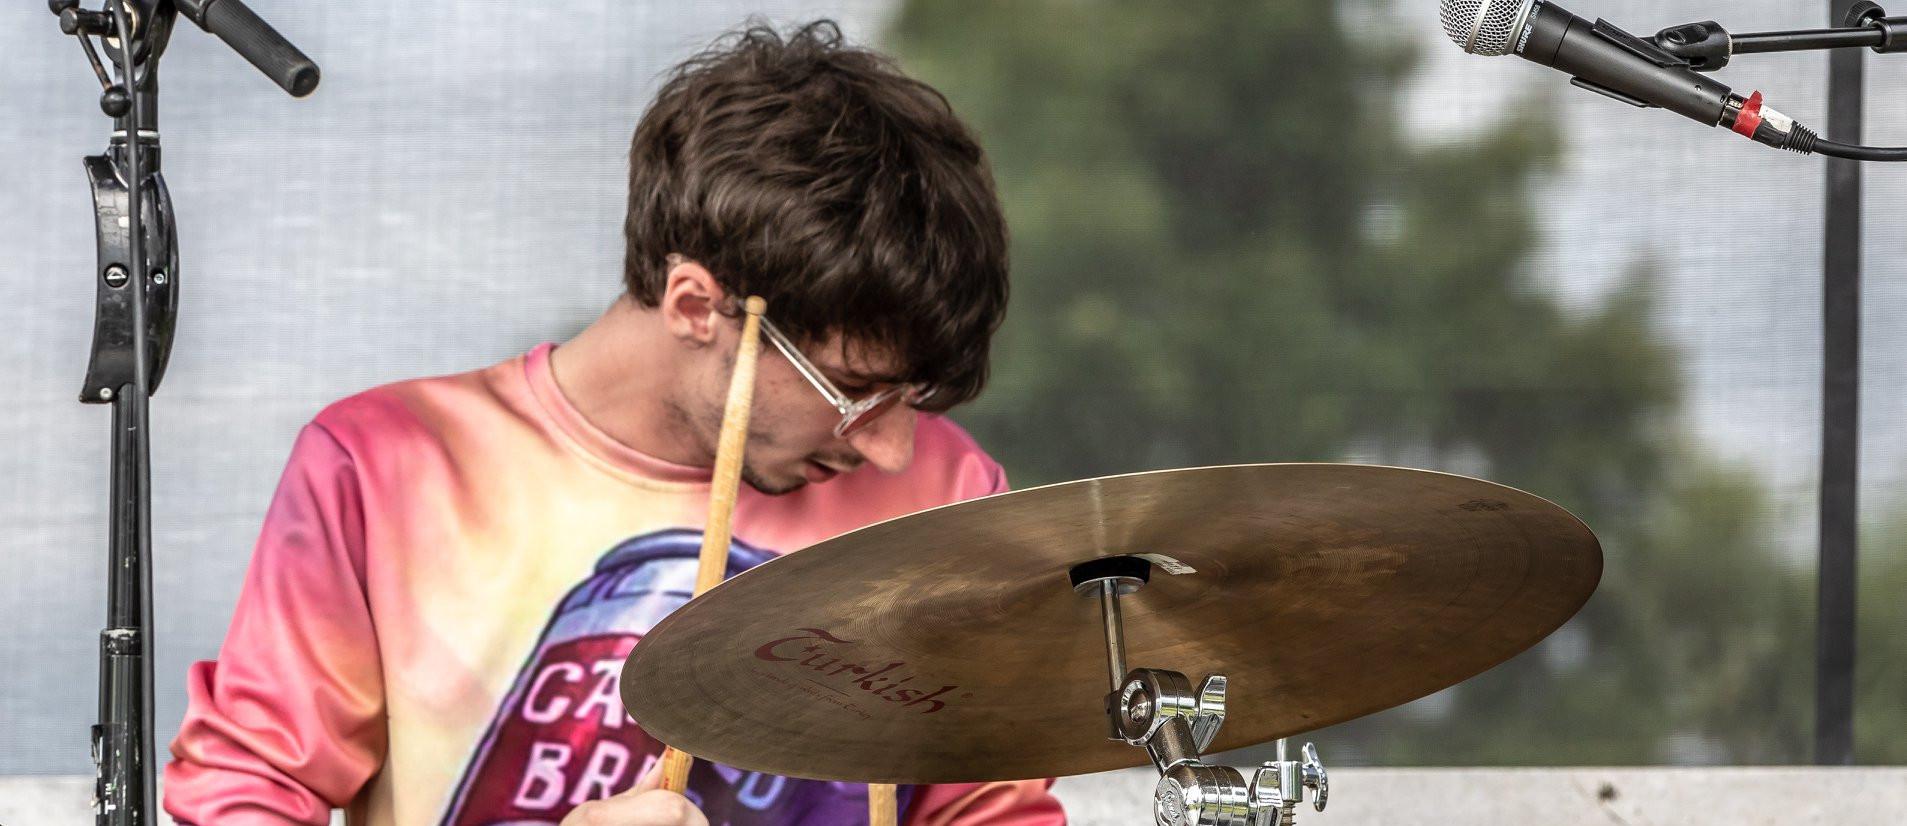 Tim W. Smith